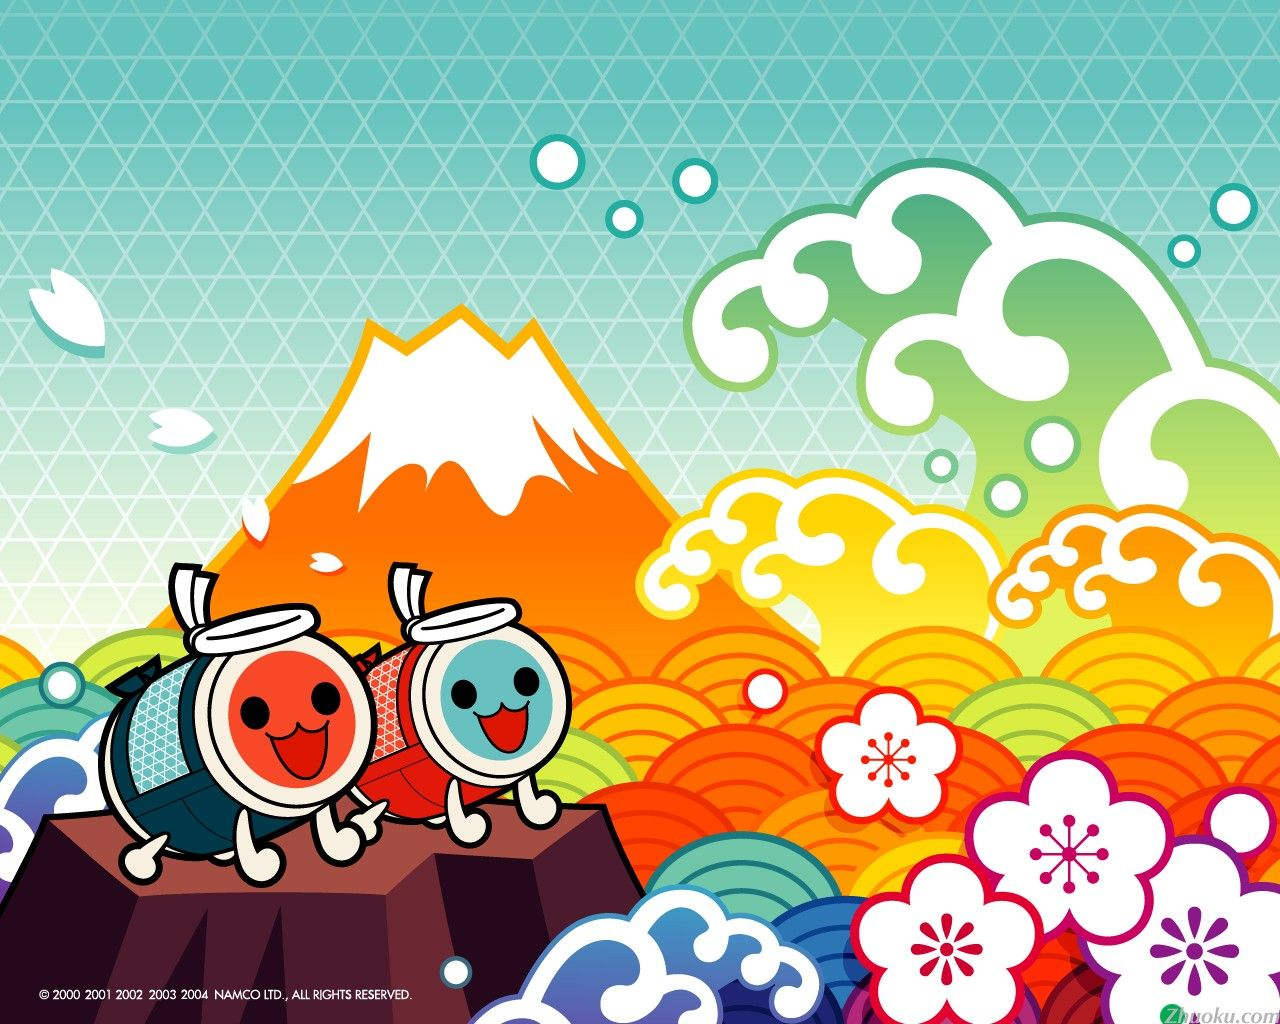 Taiko No Tatsujin The rite Wallpaper Anime 1280x1024